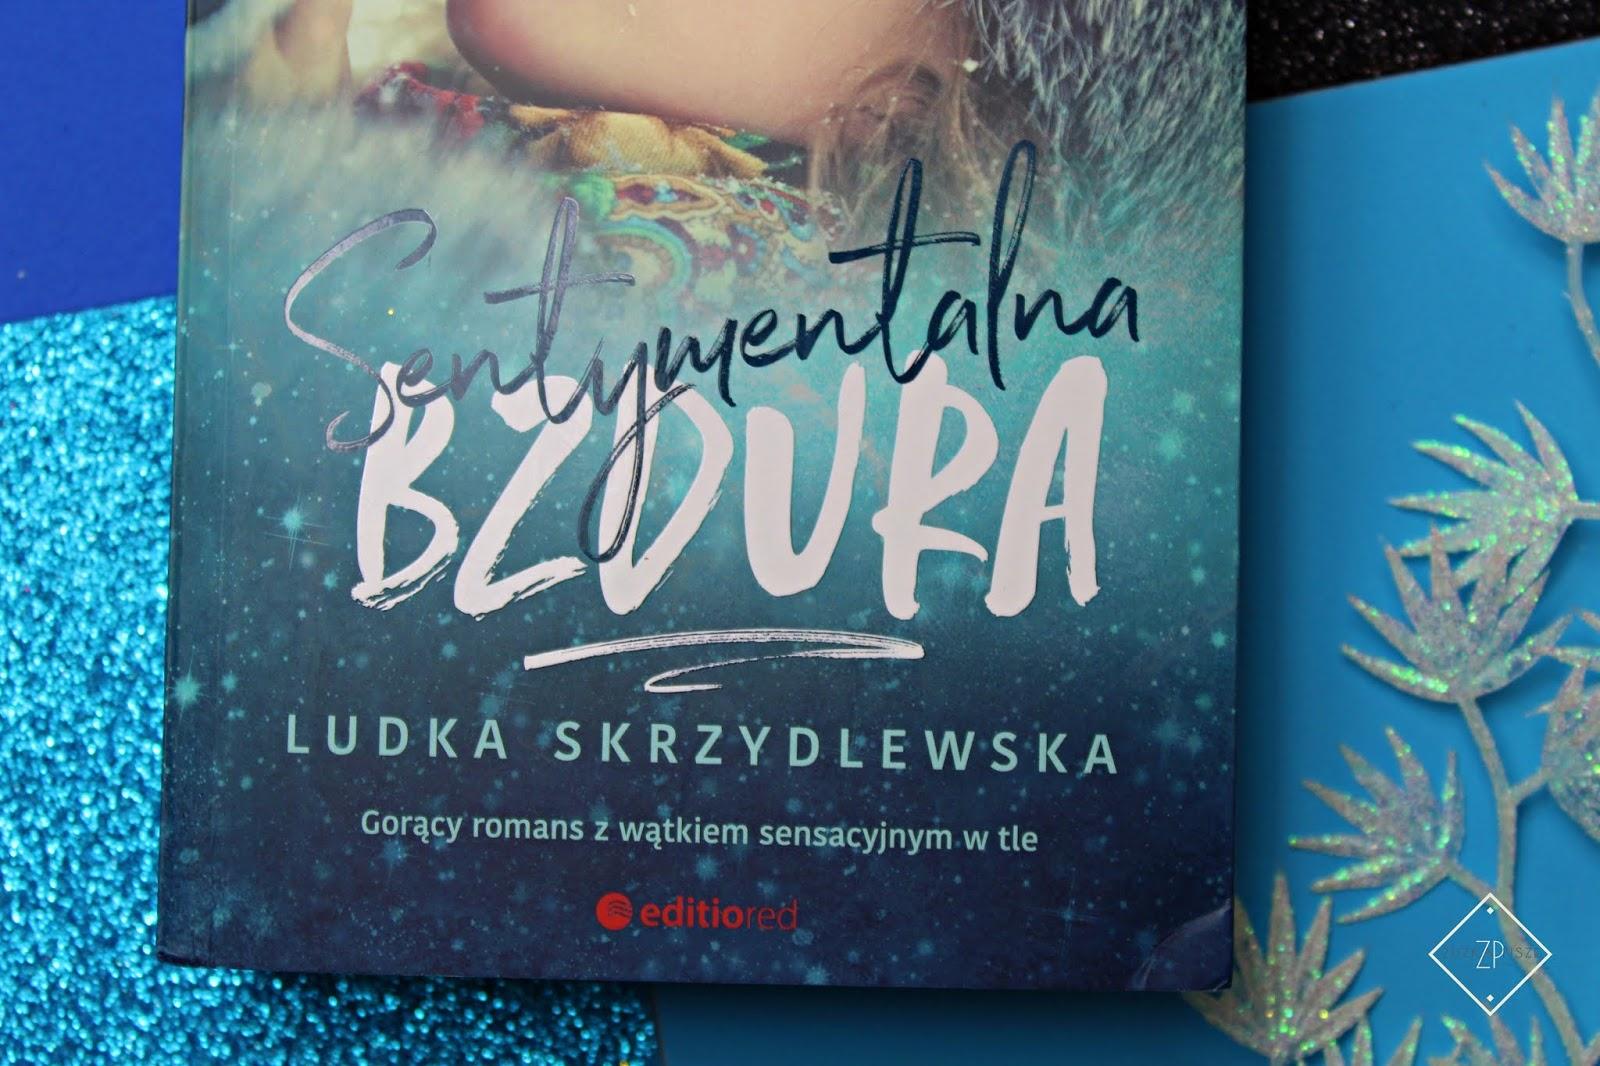 """Ludka Skrzydlewska """"Sentymentalna bzdura"""" - recenzja książki"""